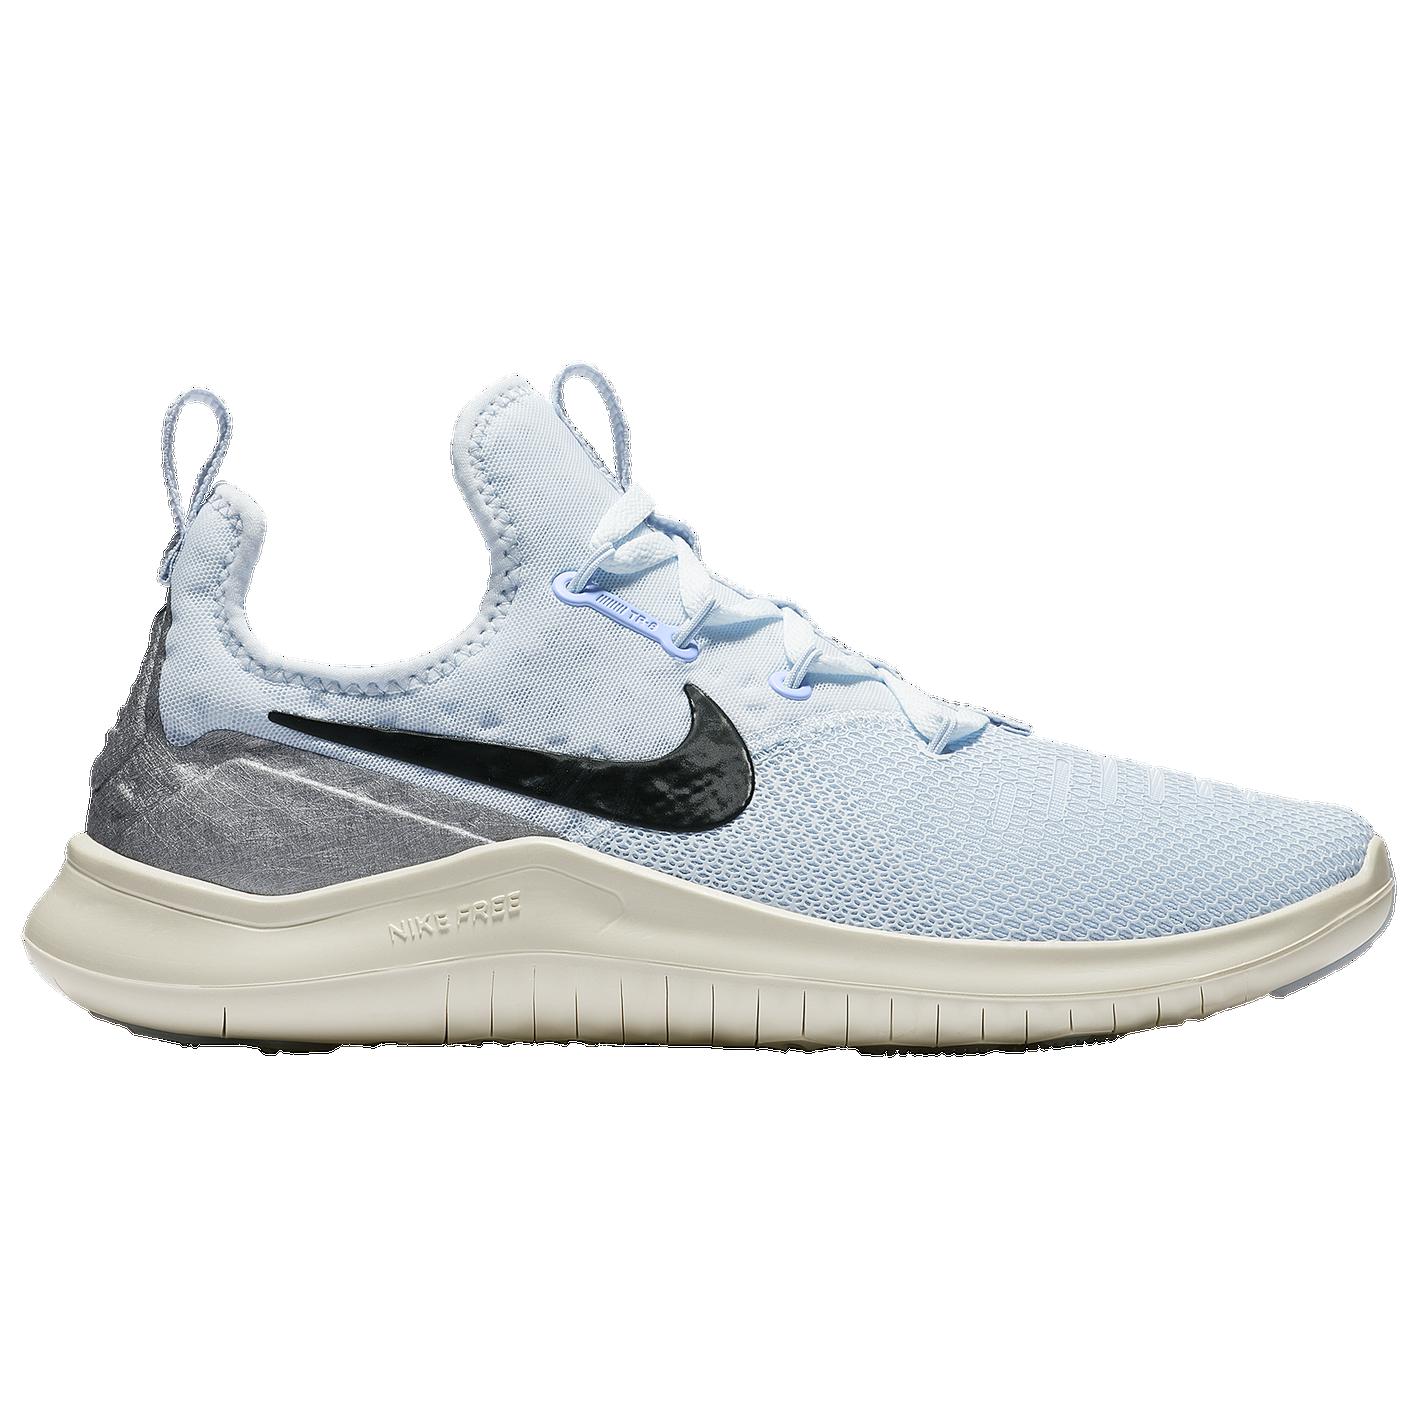 Nike Free TR 8 - Women s - Training - Shoes - Half Blue Black ... 5287eb78c